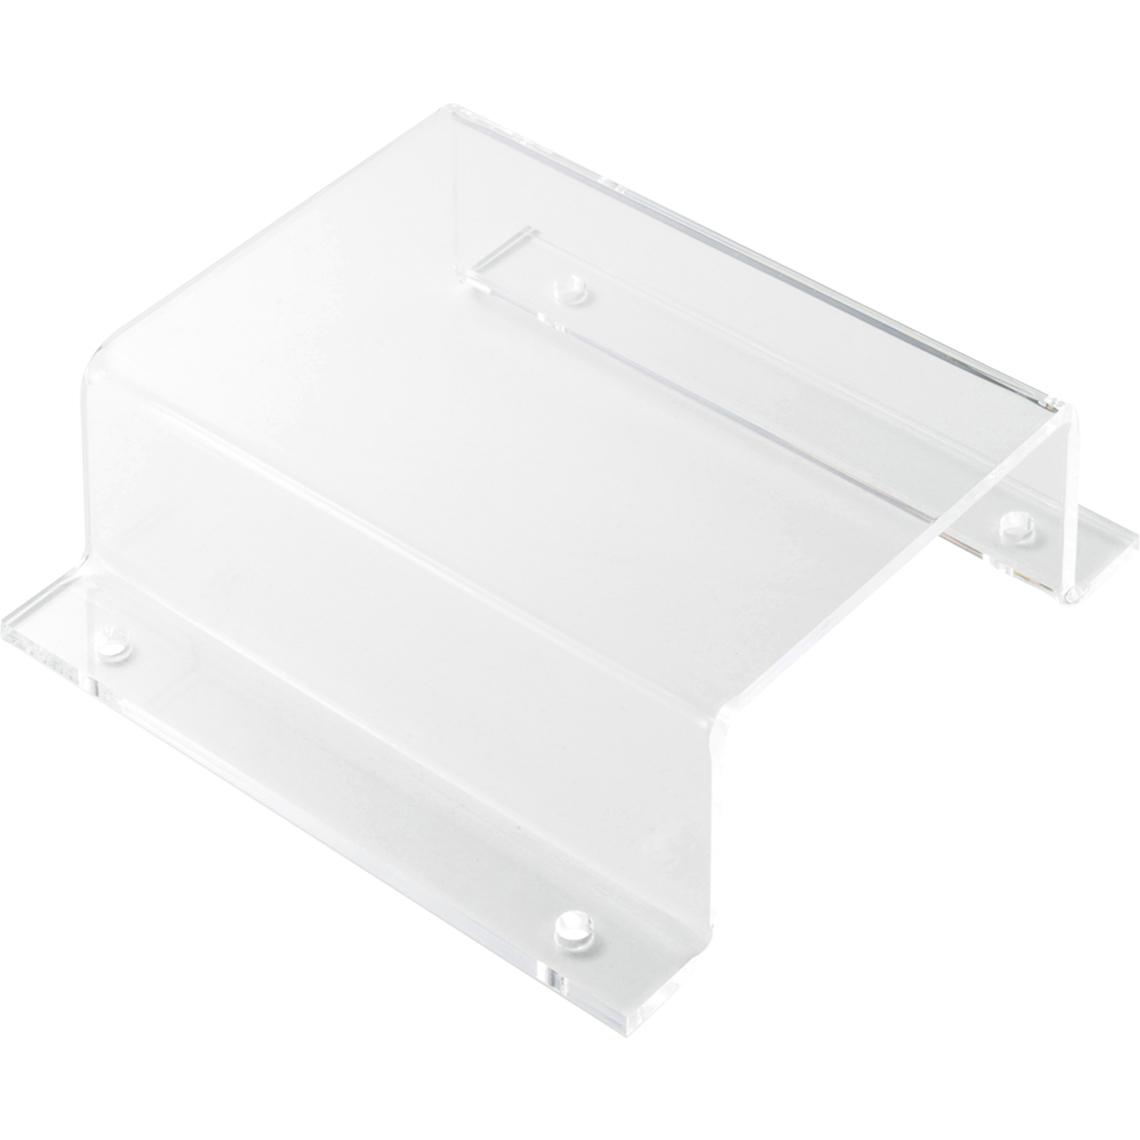 Ballwurfschutz BS150, transparent Produktbild